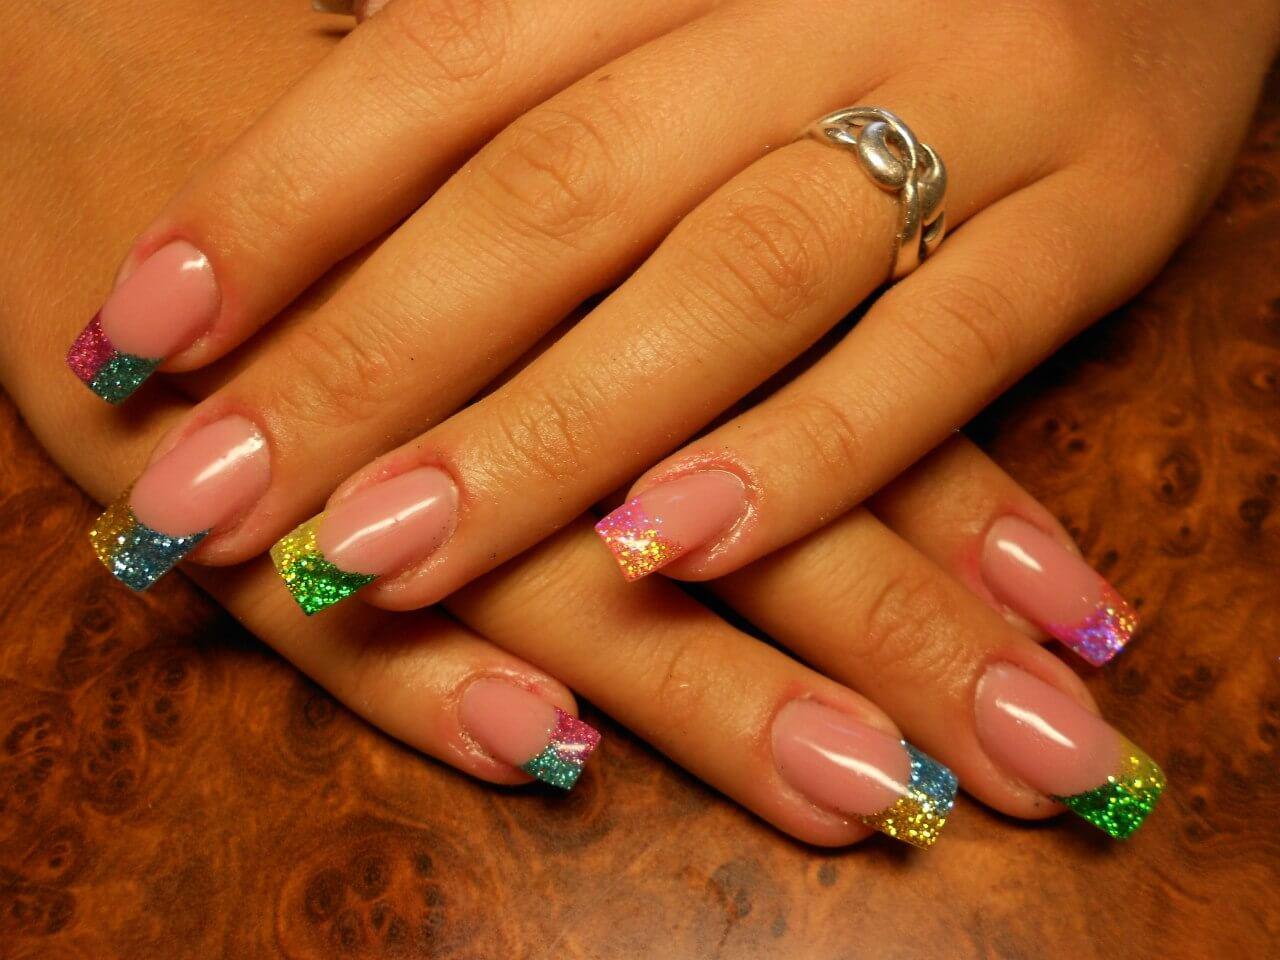 Френч ногти цветной